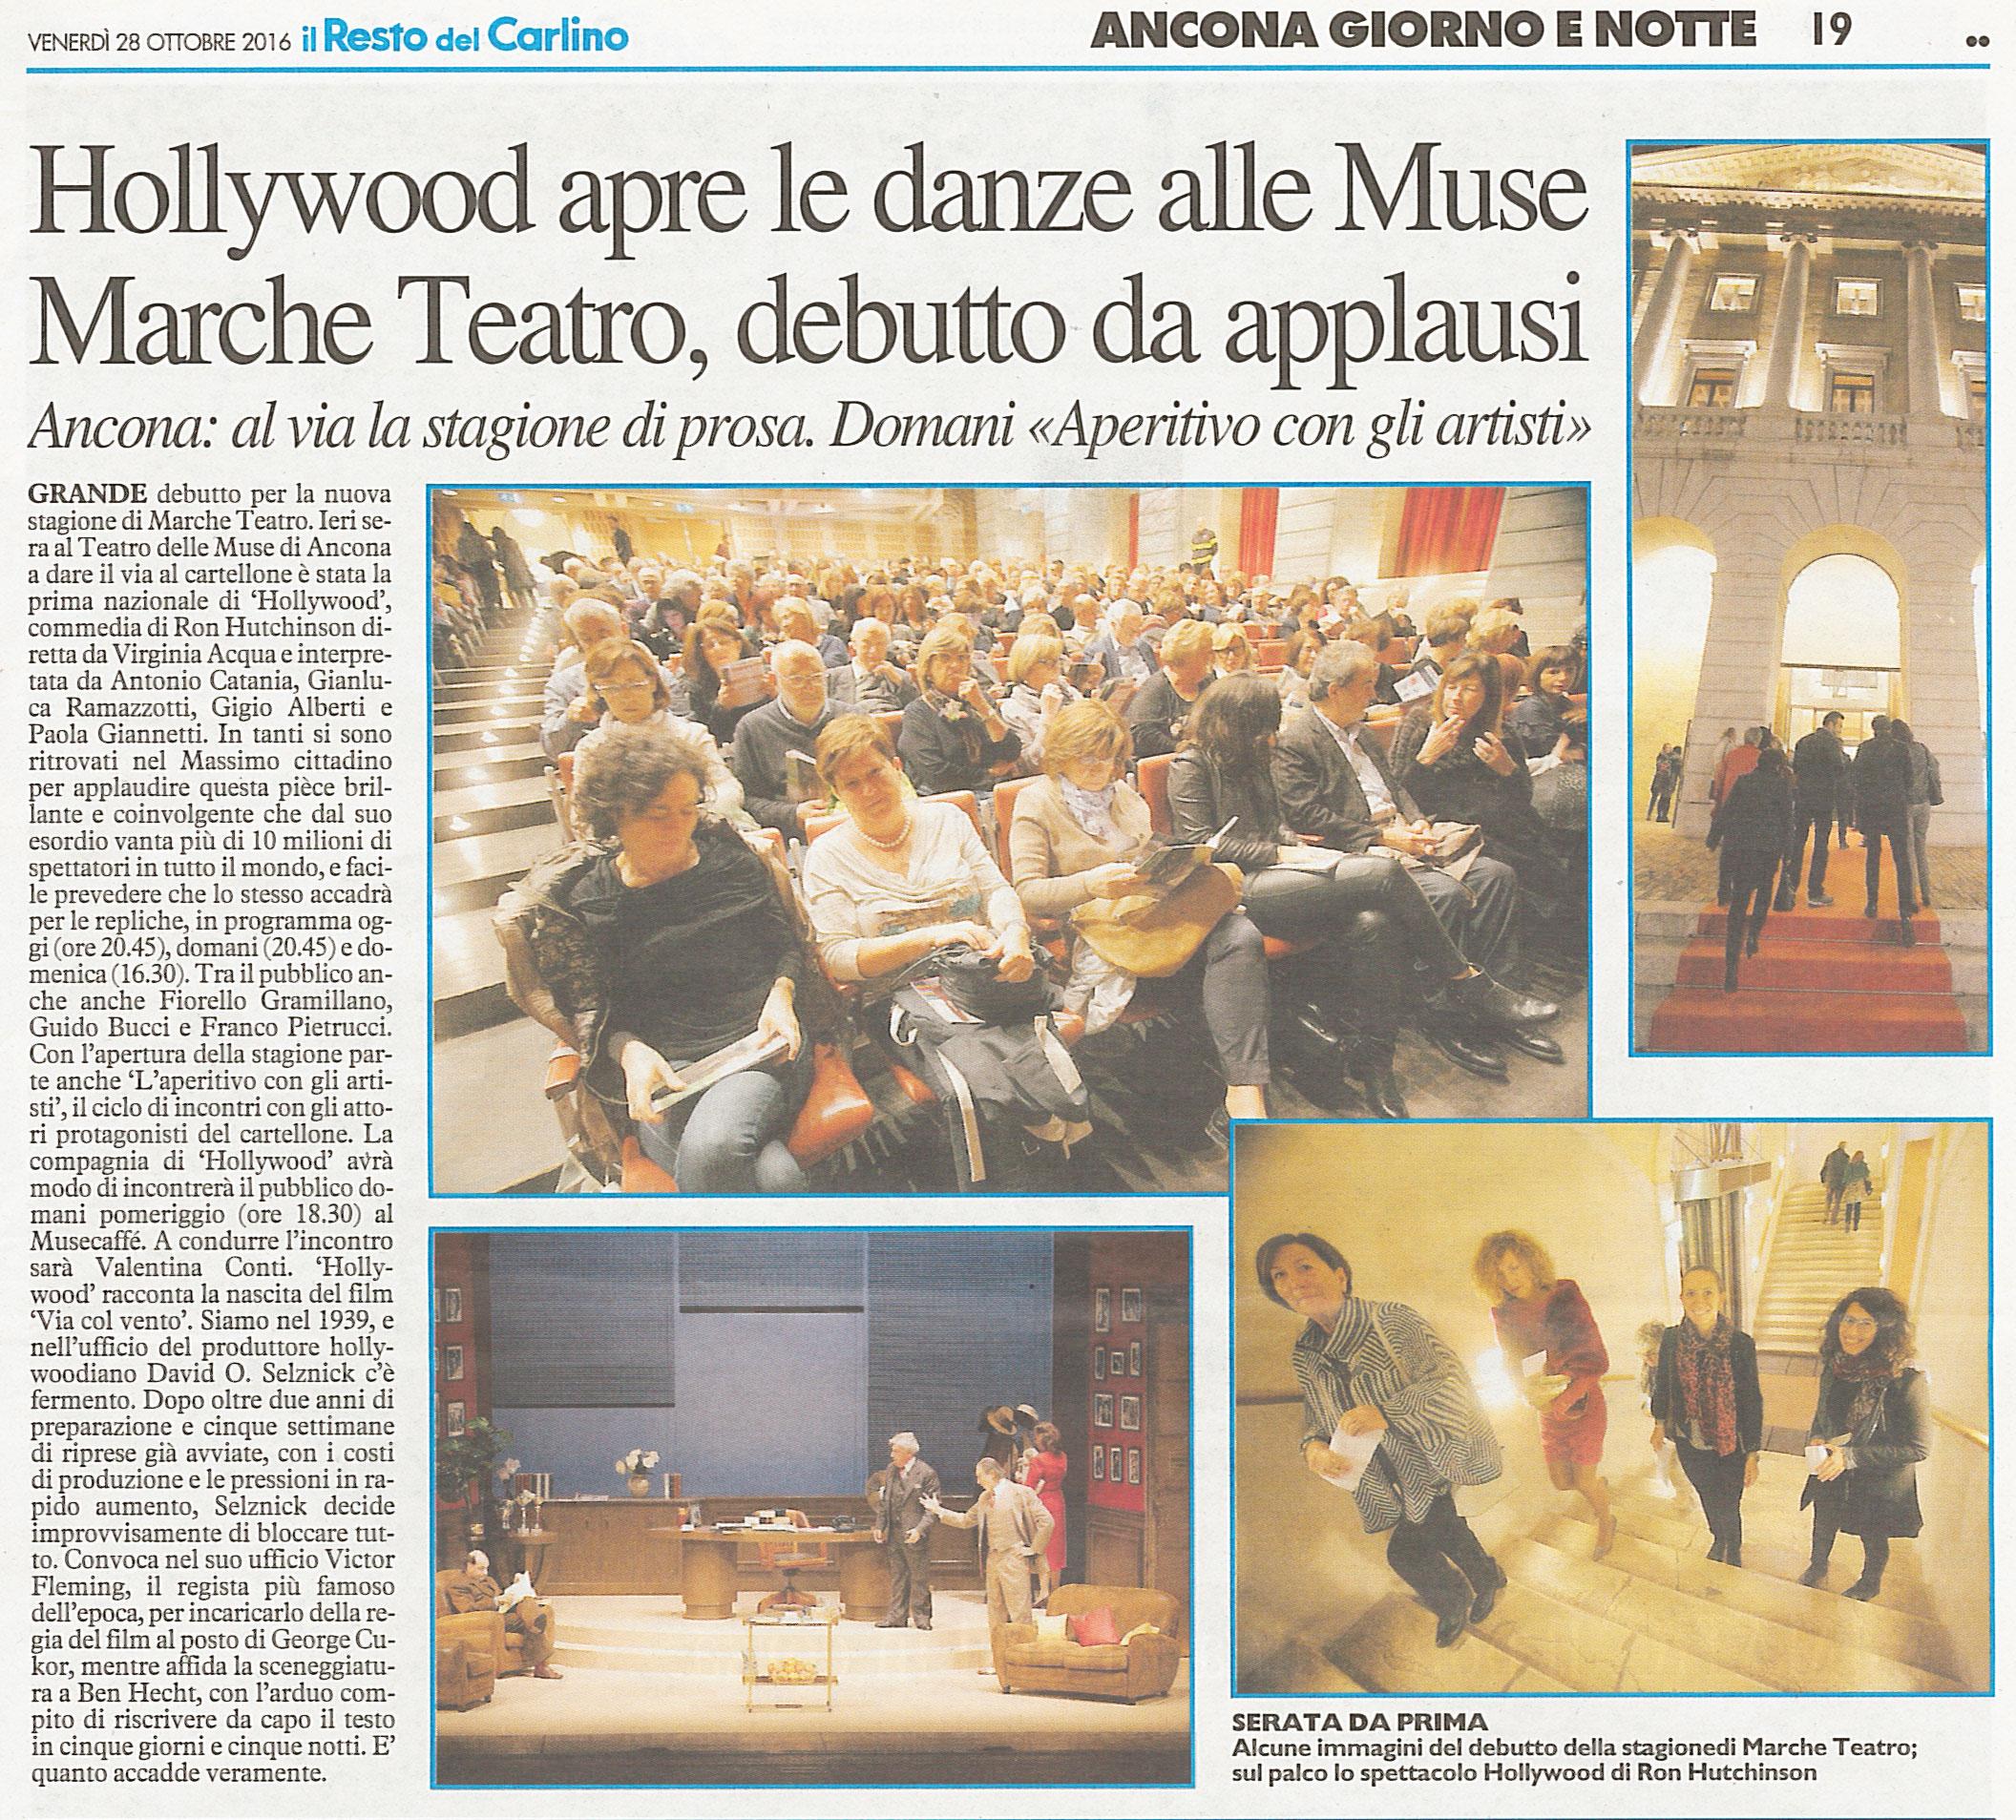 2016_10_28_-hollywood-apre-le-danze-alle-muse-marche-teatro-debutto-di-applausi_il-resto-del-carlino